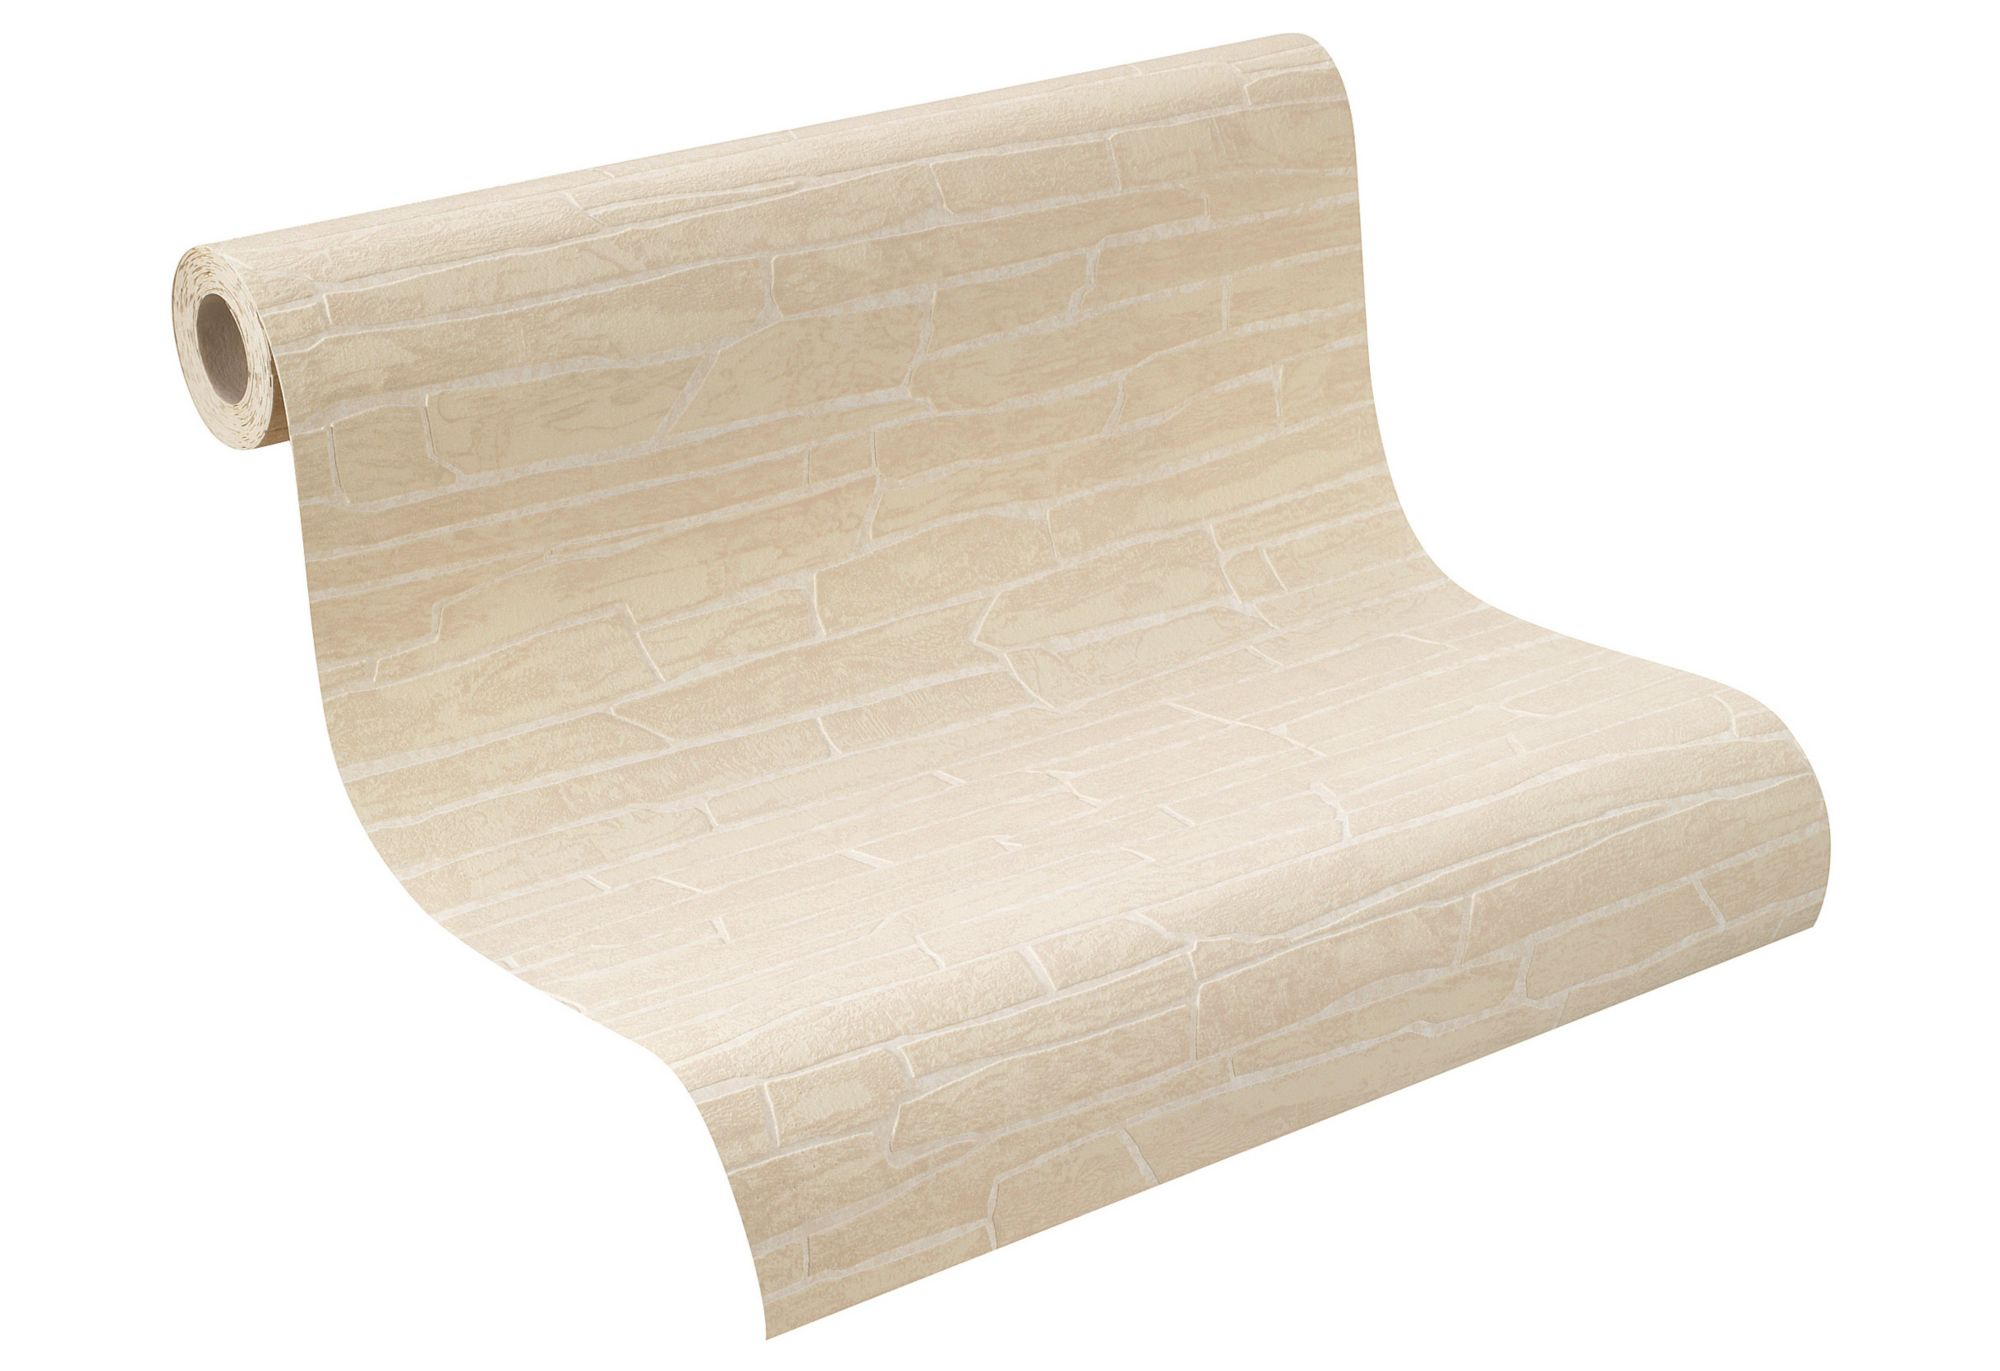 vliestapete rasch g nstig online kaufen beim schwab versand. Black Bedroom Furniture Sets. Home Design Ideas